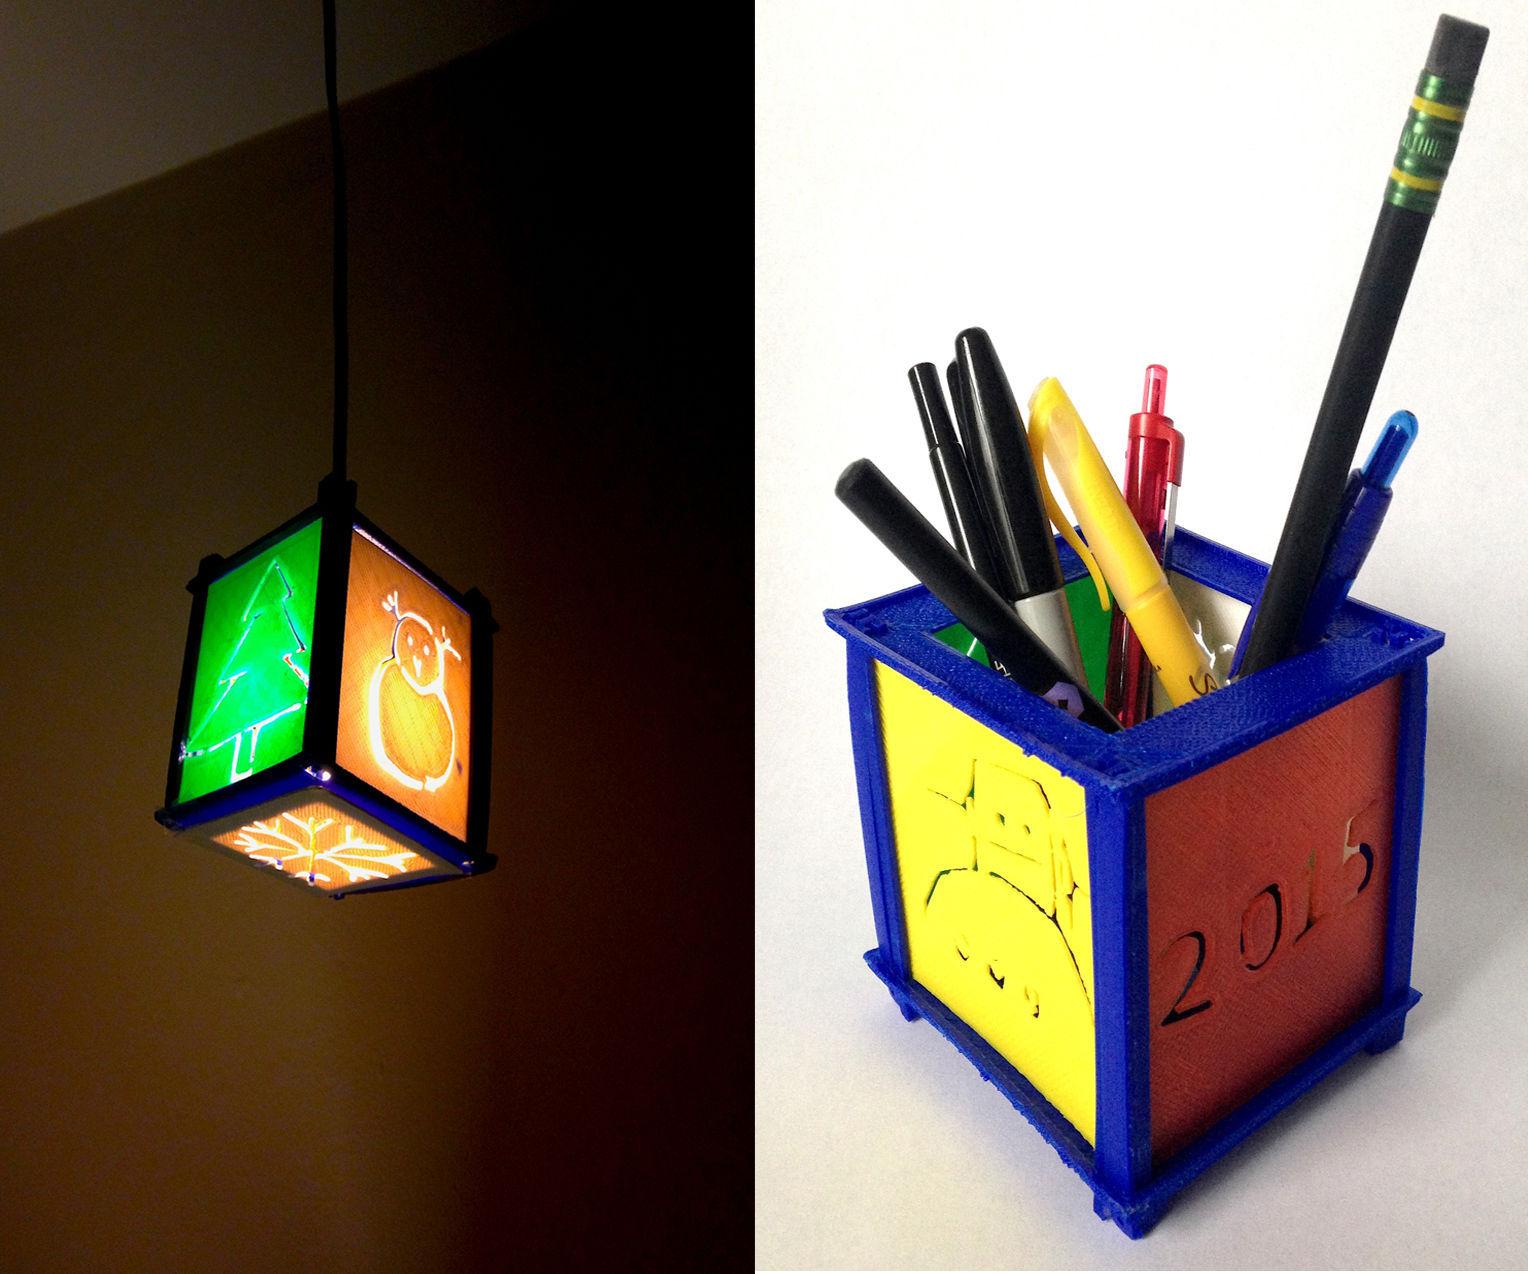 Autodesk 123D design- Create a Customizable Lamp/Pen Stand